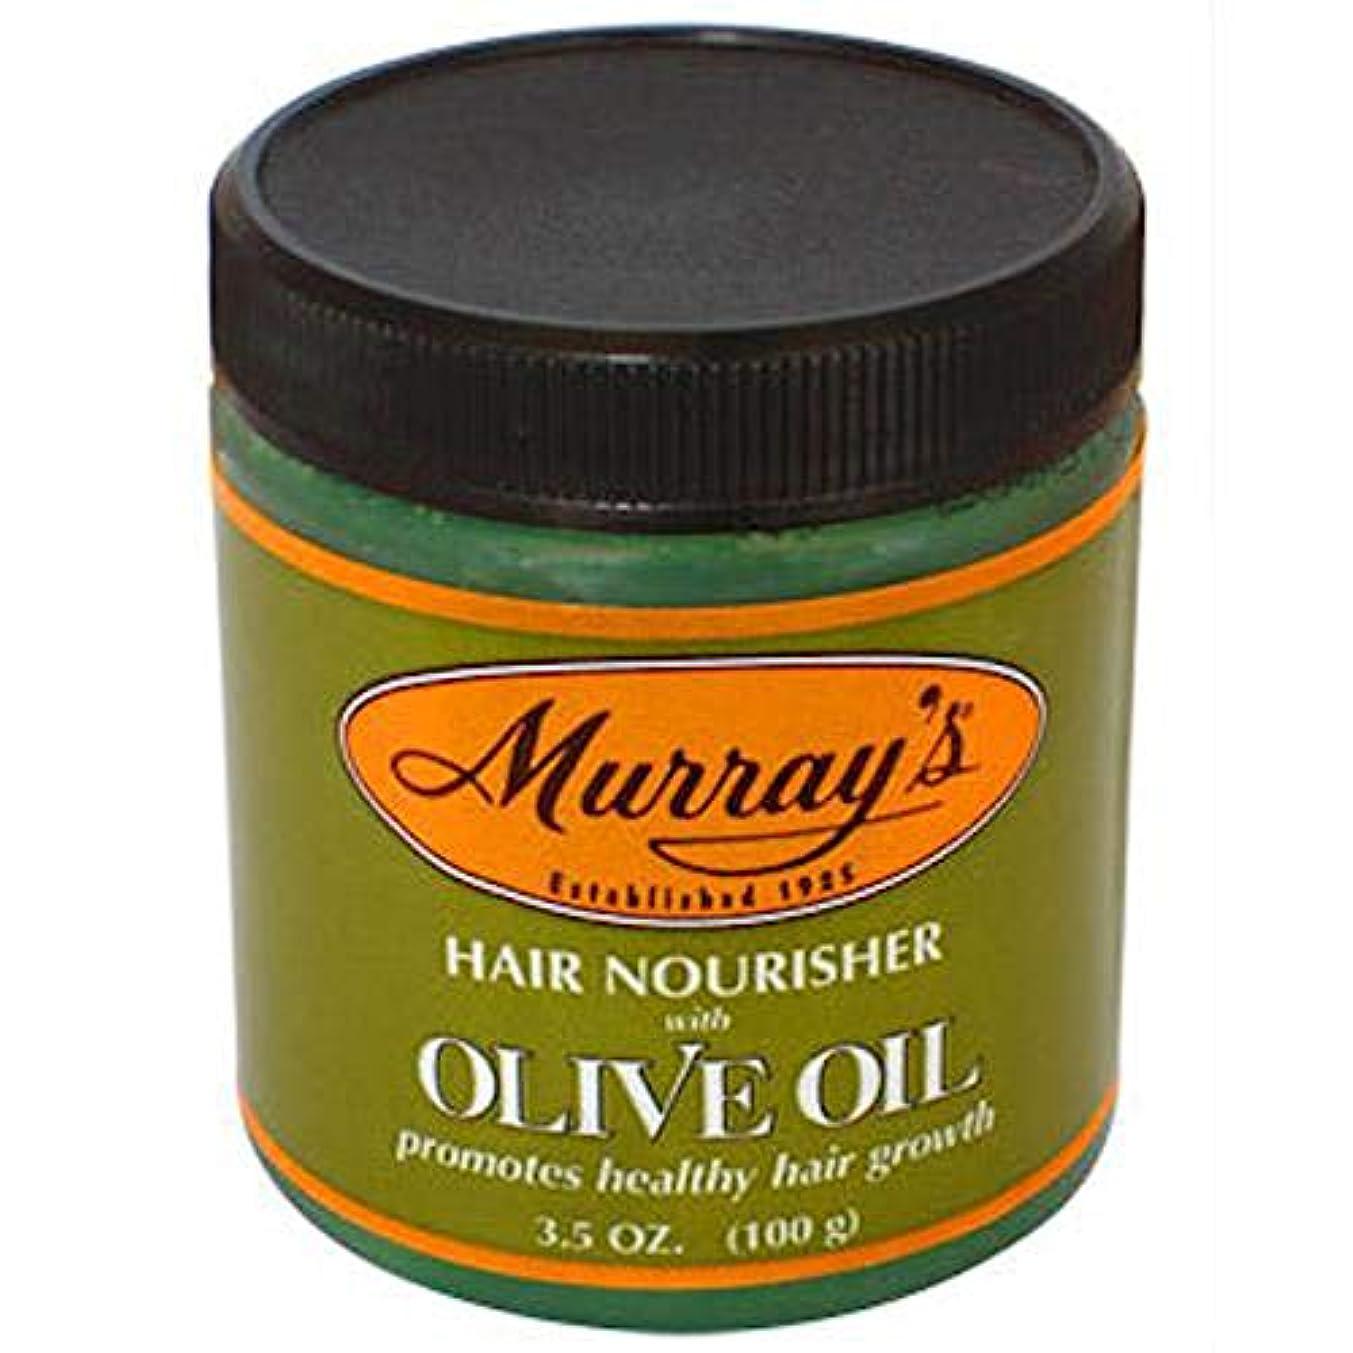 ステープルしおれたアームストロングMURRAY'S(ブランド) マーレーズ - Olive Hair Oil/香水?コスメ 【公式/オフィシャル】